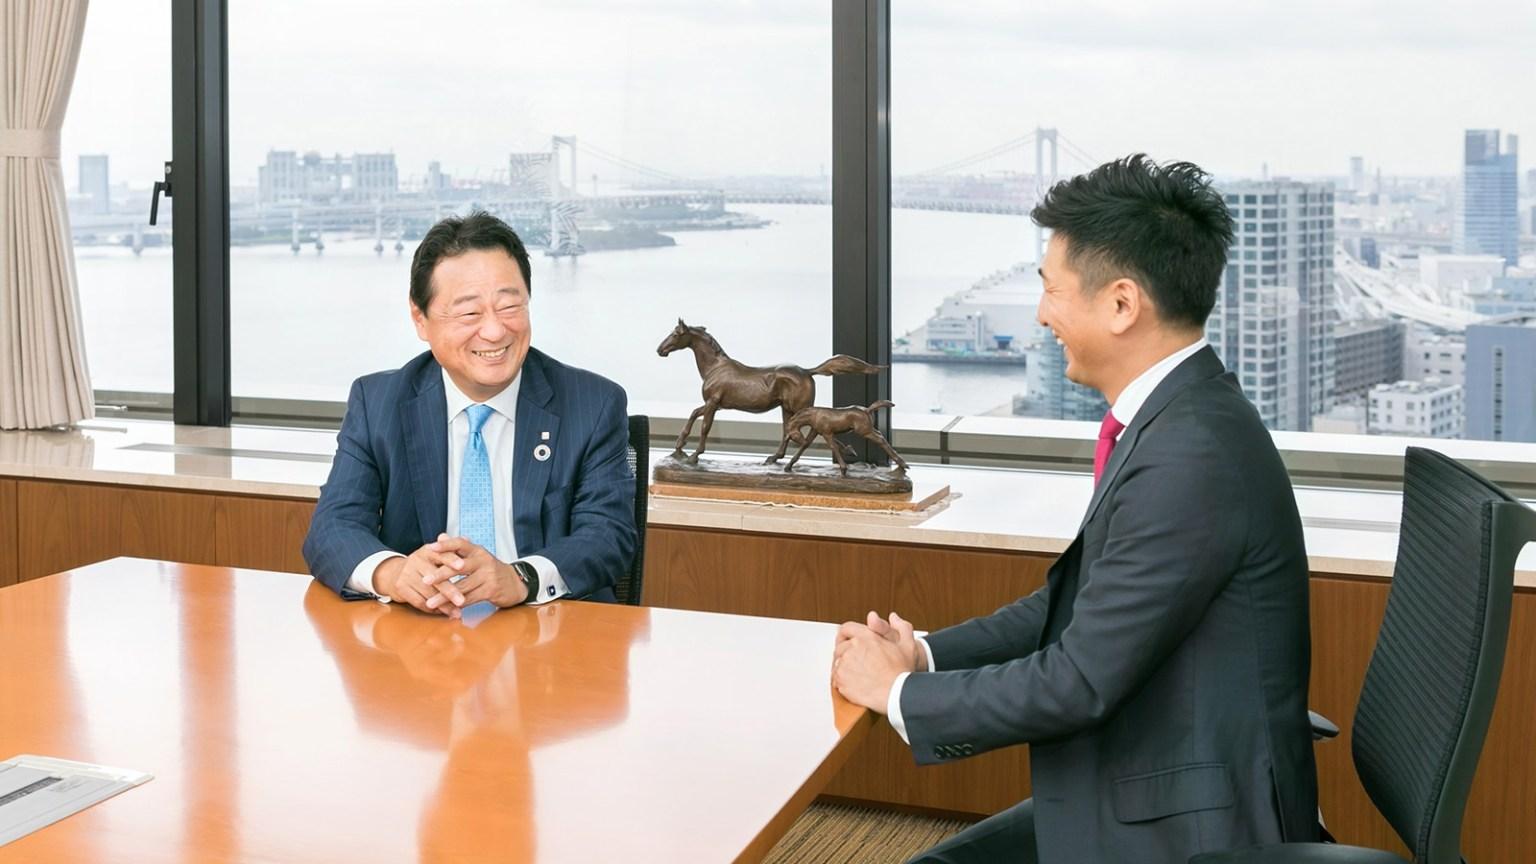 東京ガス岸様×ビズリーチ南